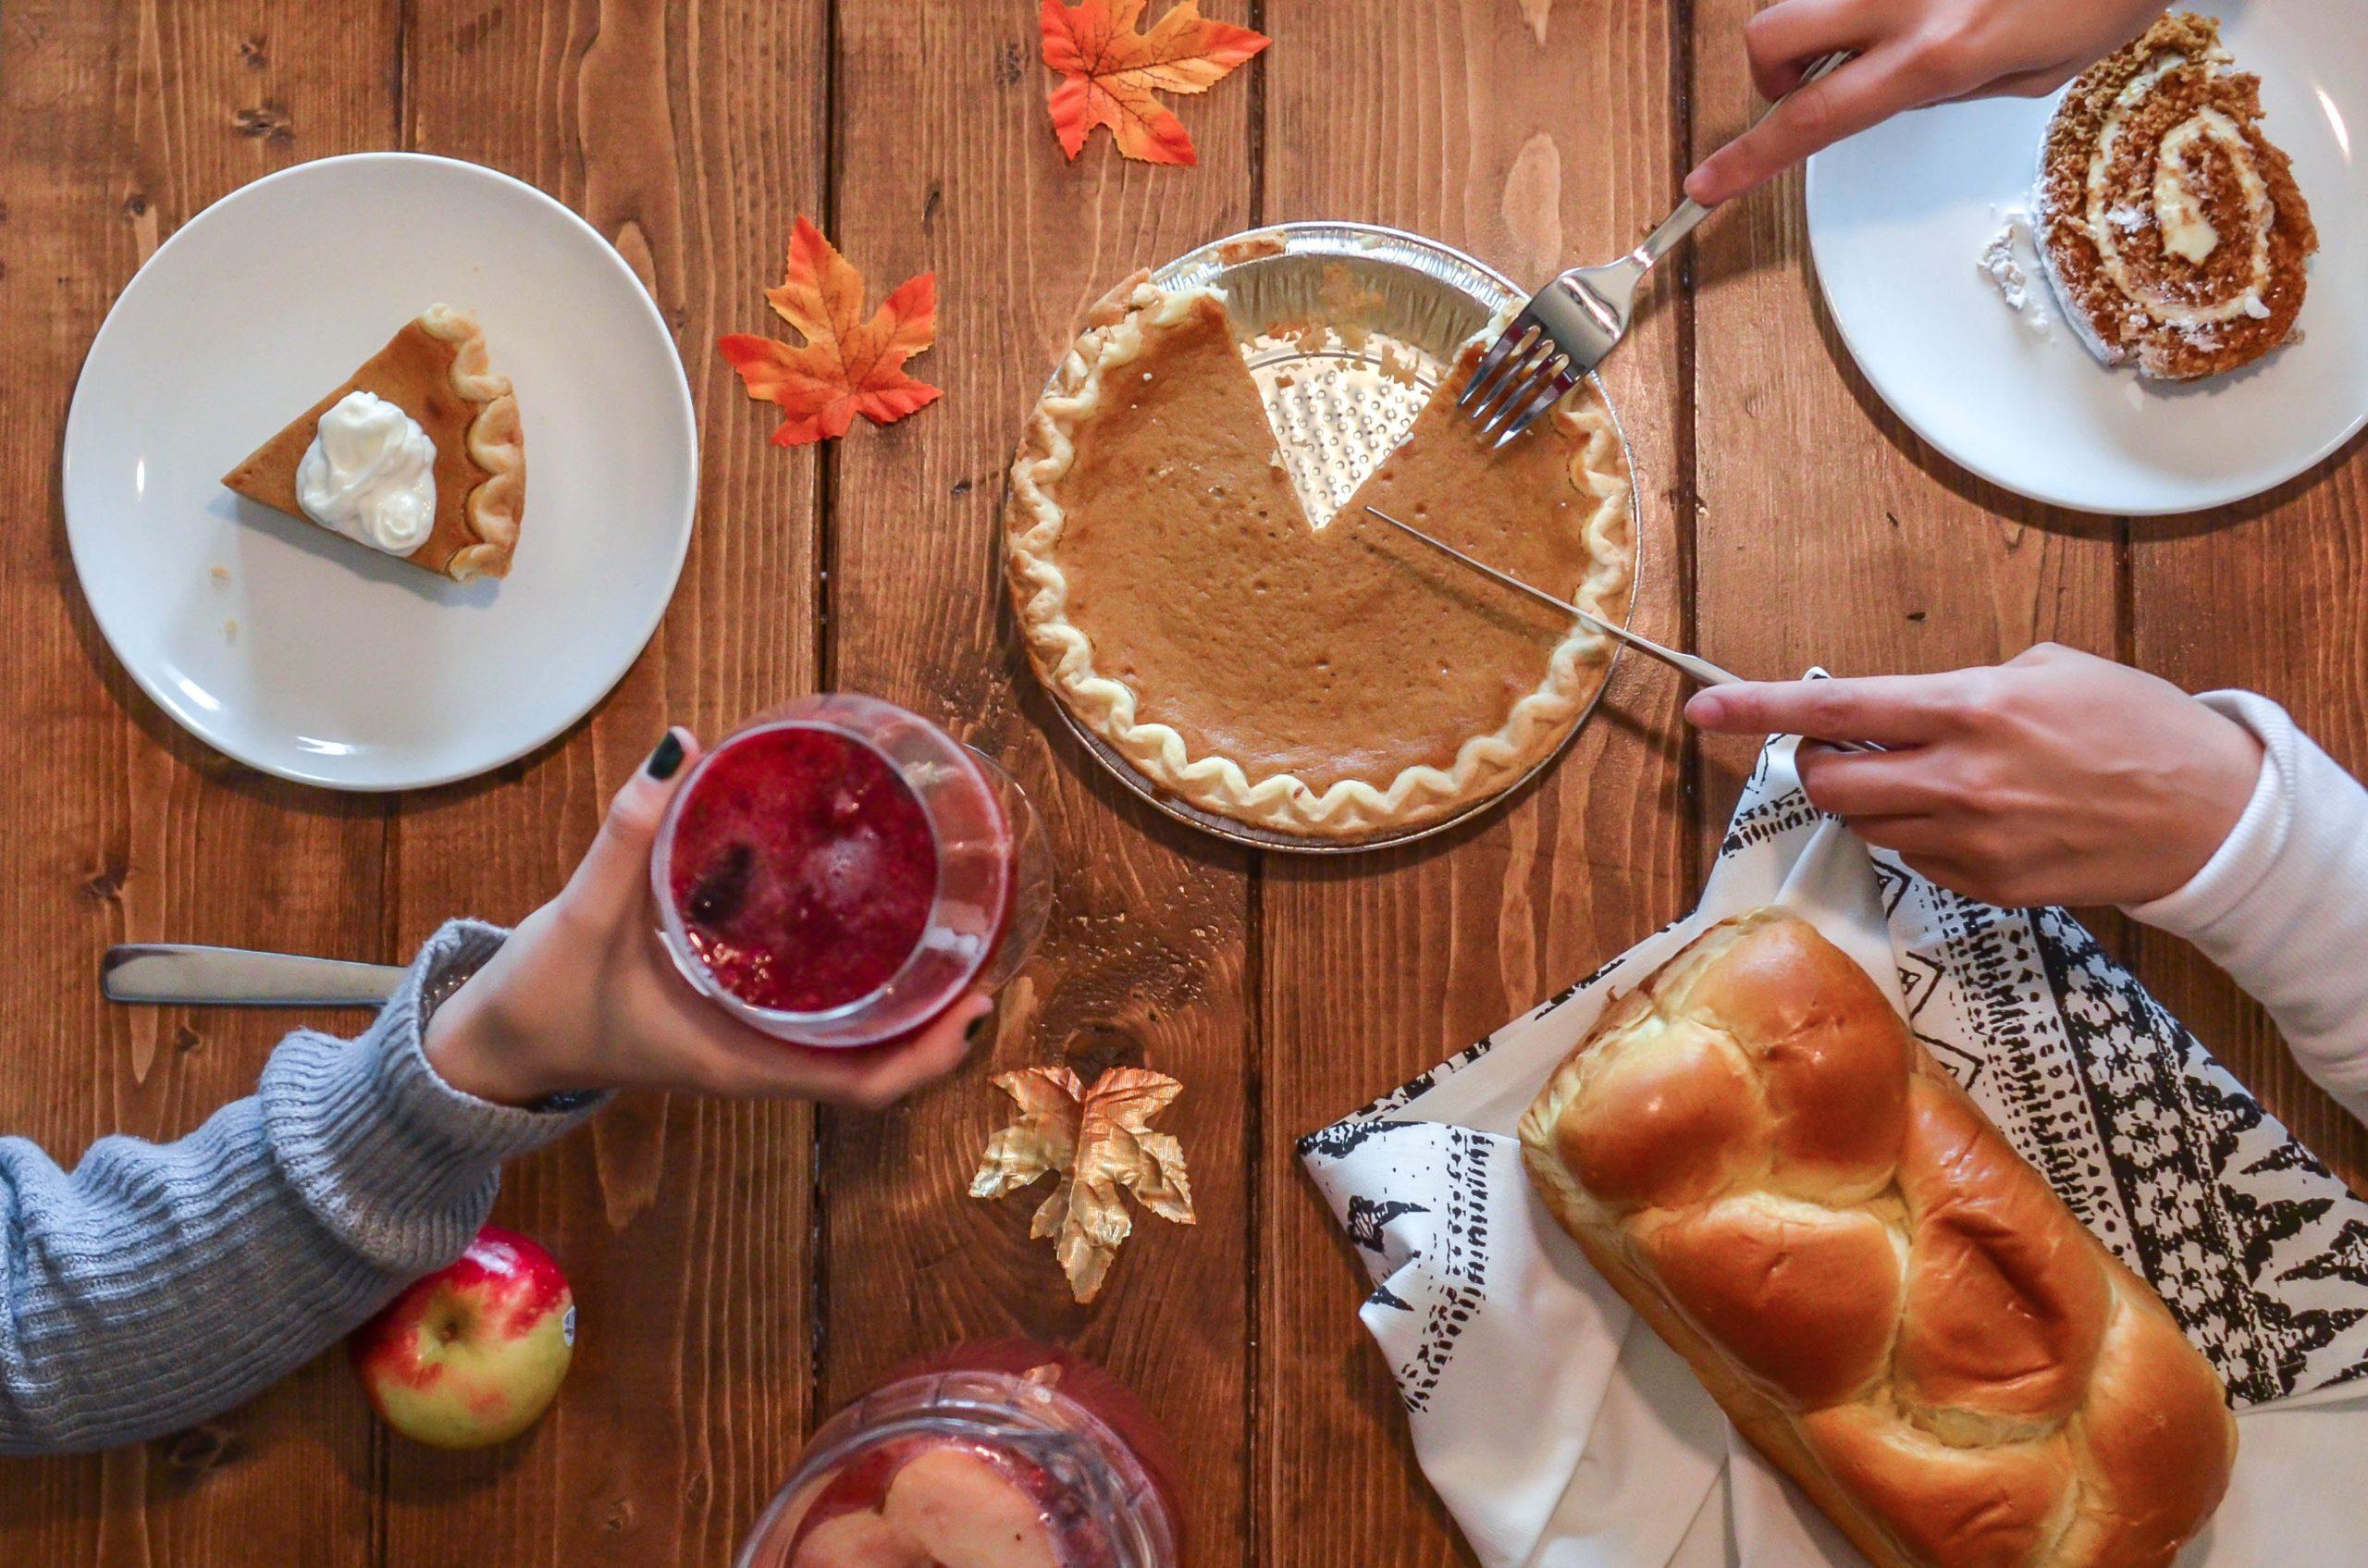 Thanksgivinginparis